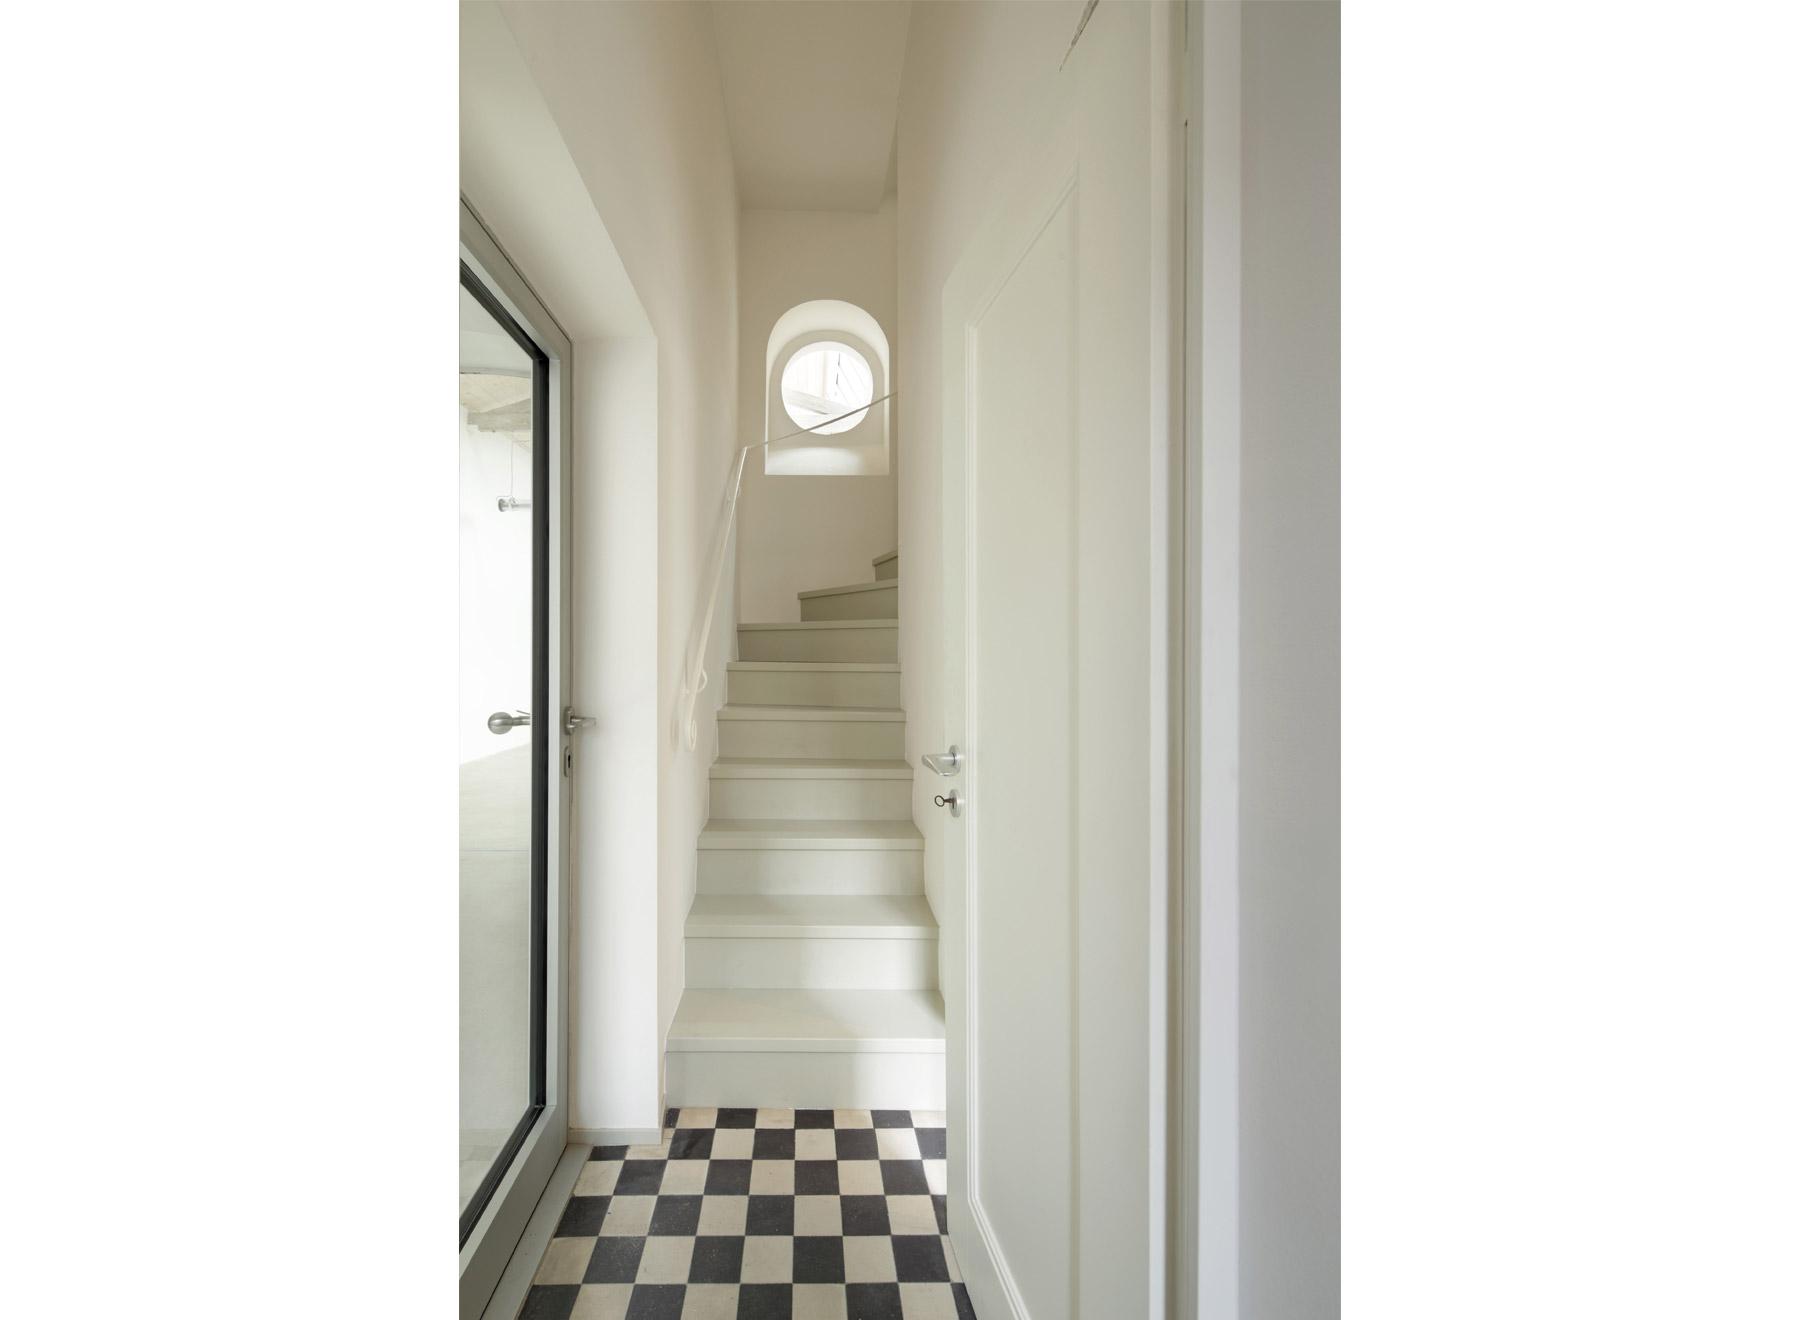 stairway, photo: Jan Rothstein